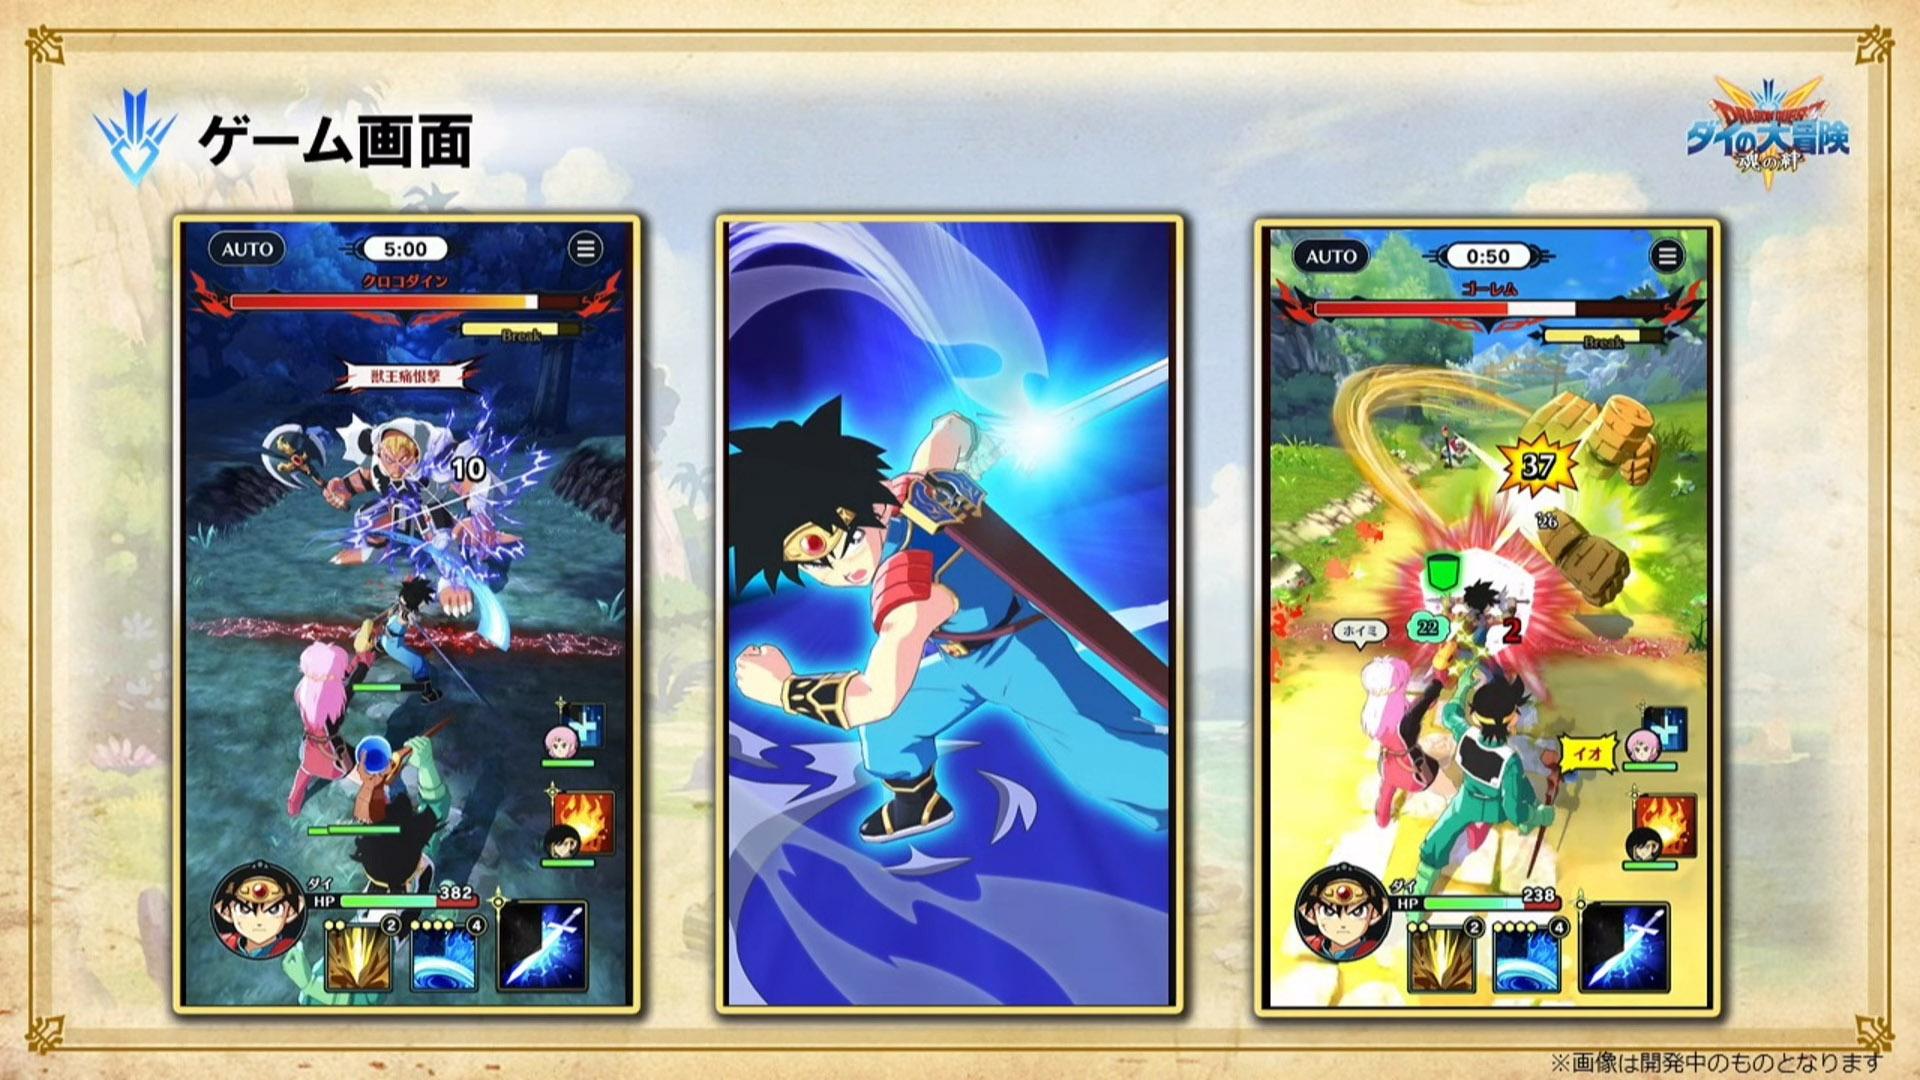 Dragon Quest: The Adventure of Dai é anunciado para iOS e Android 3